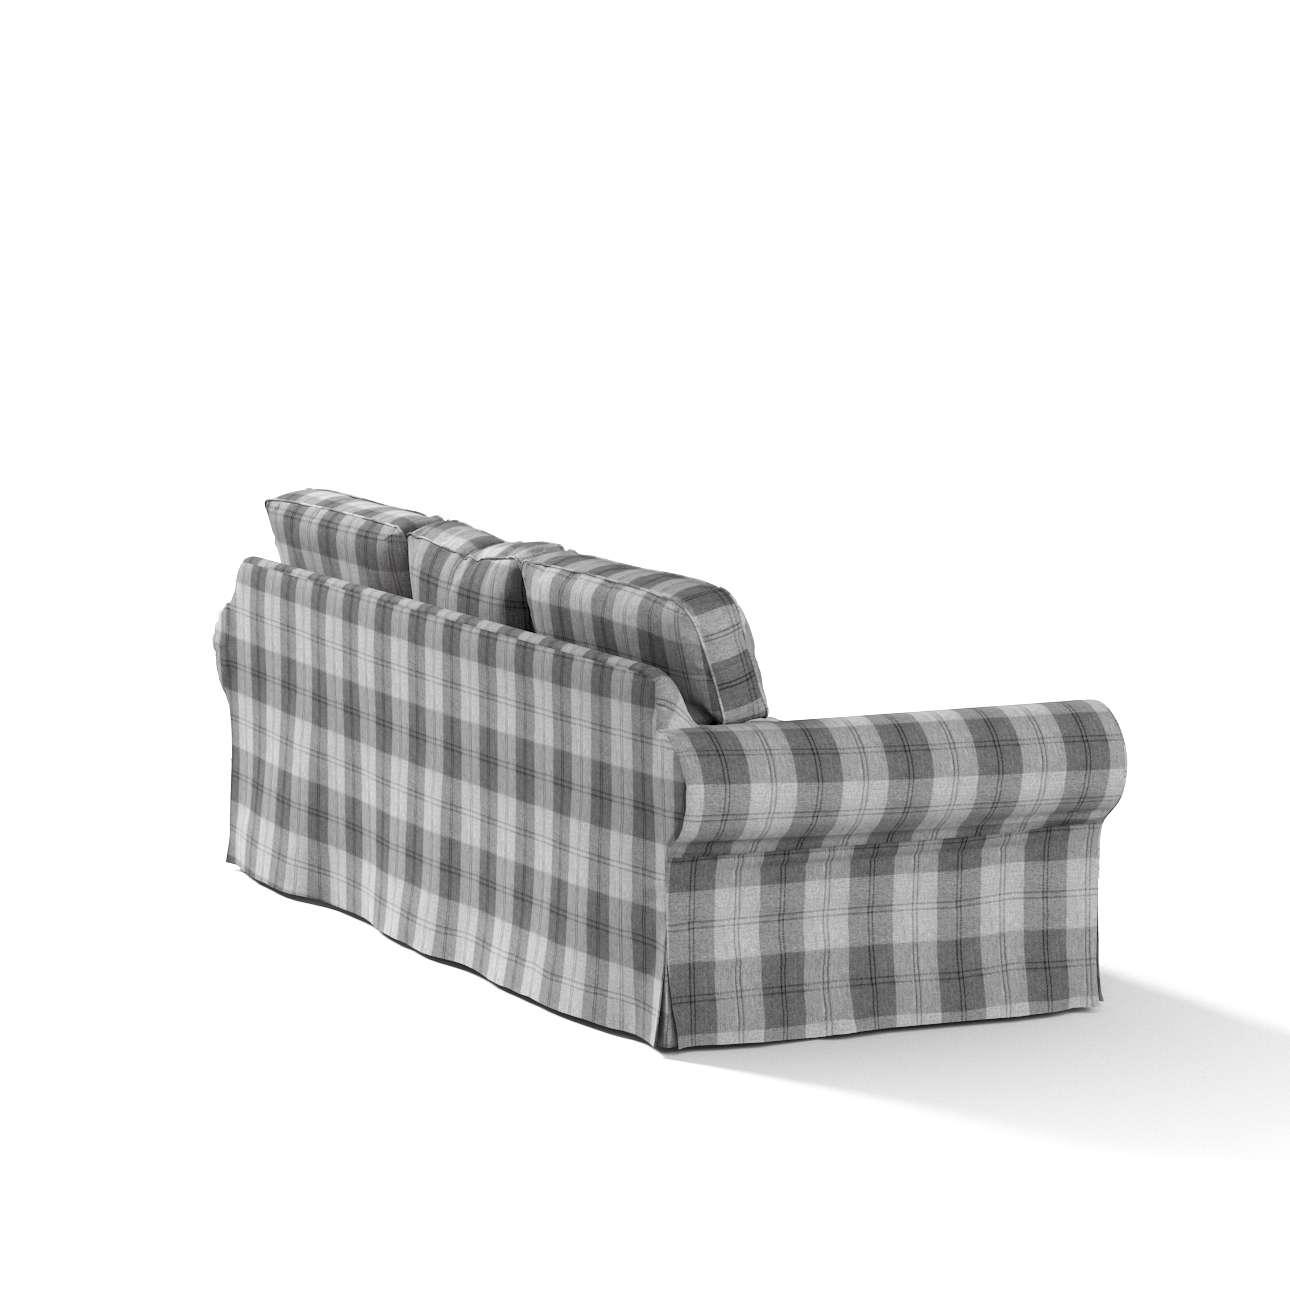 Pokrowiec na sofę Ektorp 3-osobową, rozkładaną w kolekcji Edinburgh, tkanina: 115-75